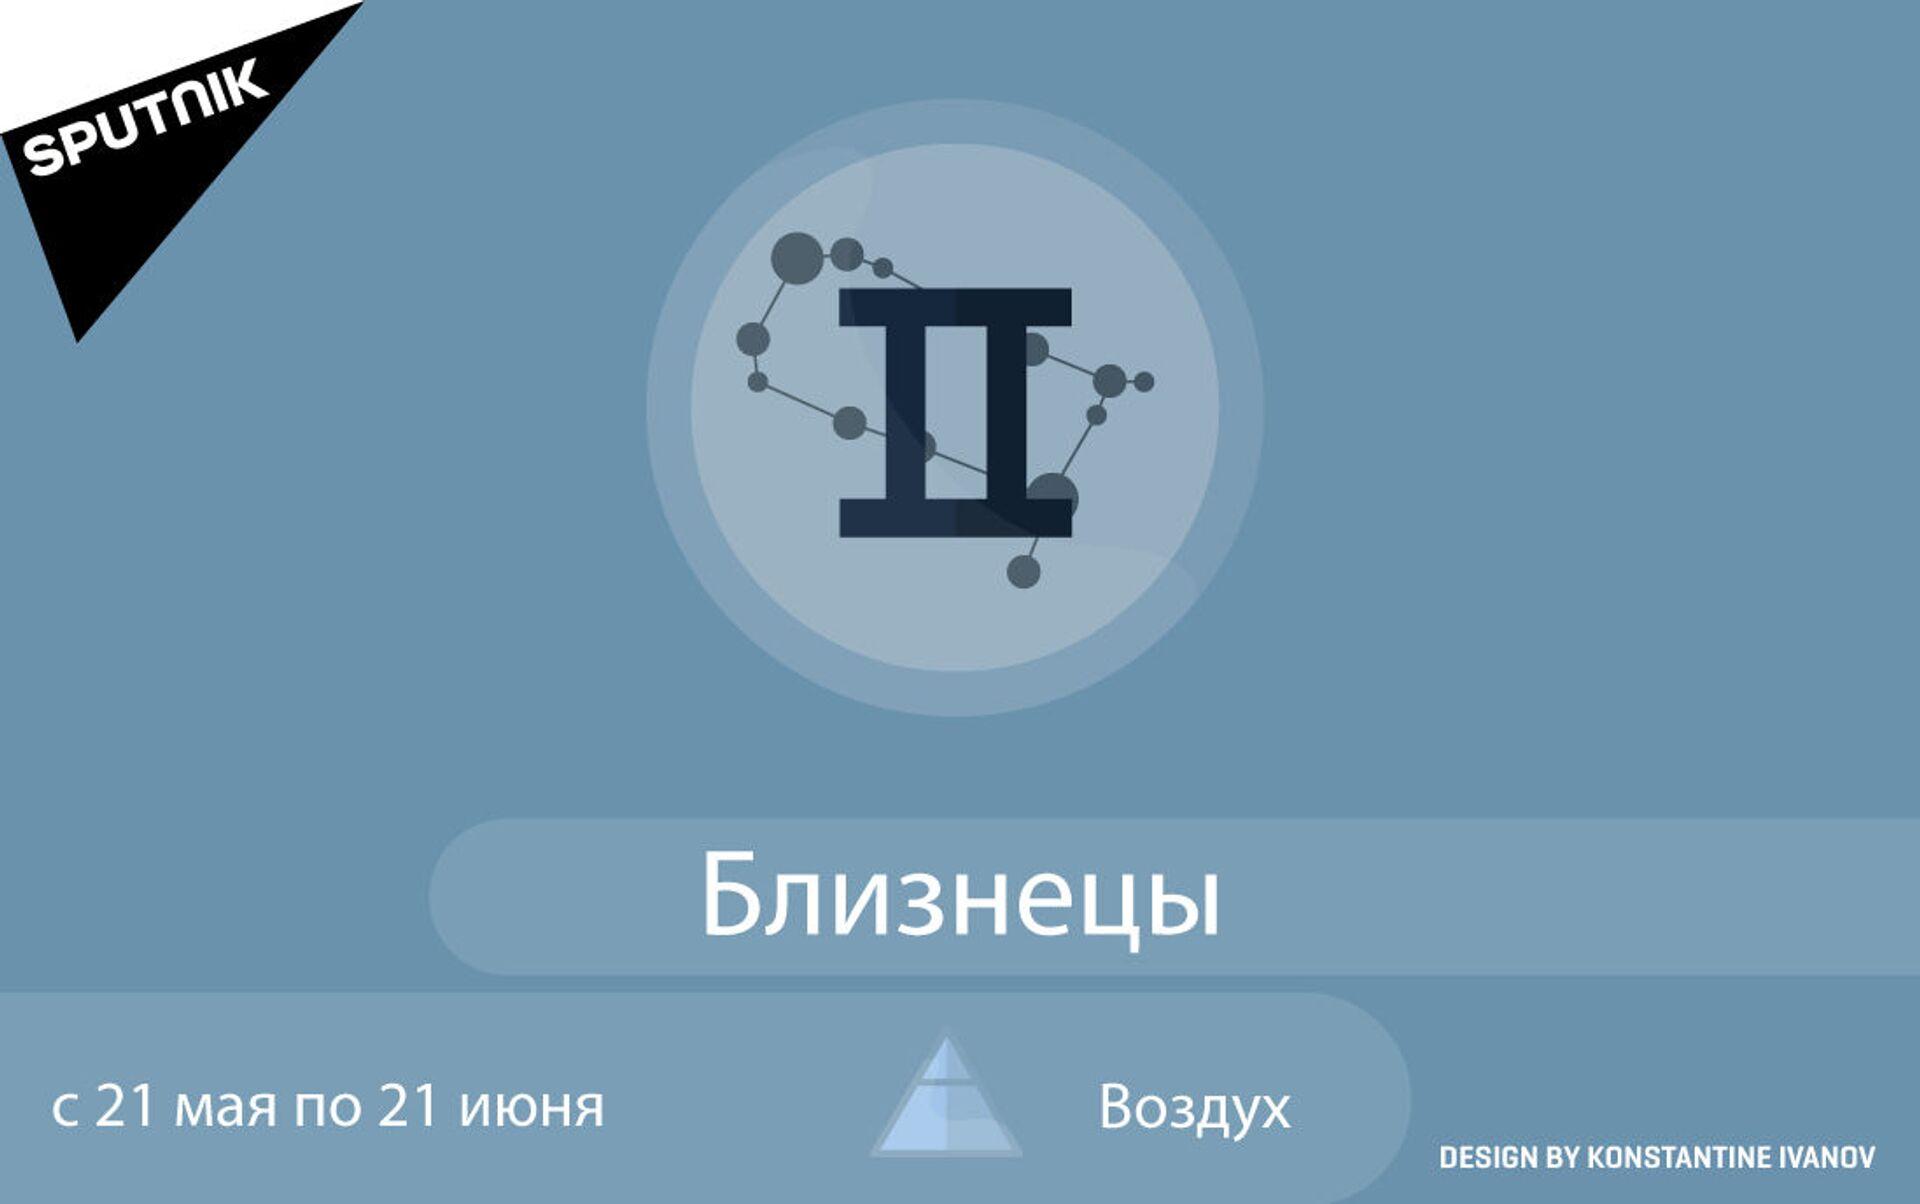 Близнецы - Sputnik Грузия, 1920, 11.09.2021